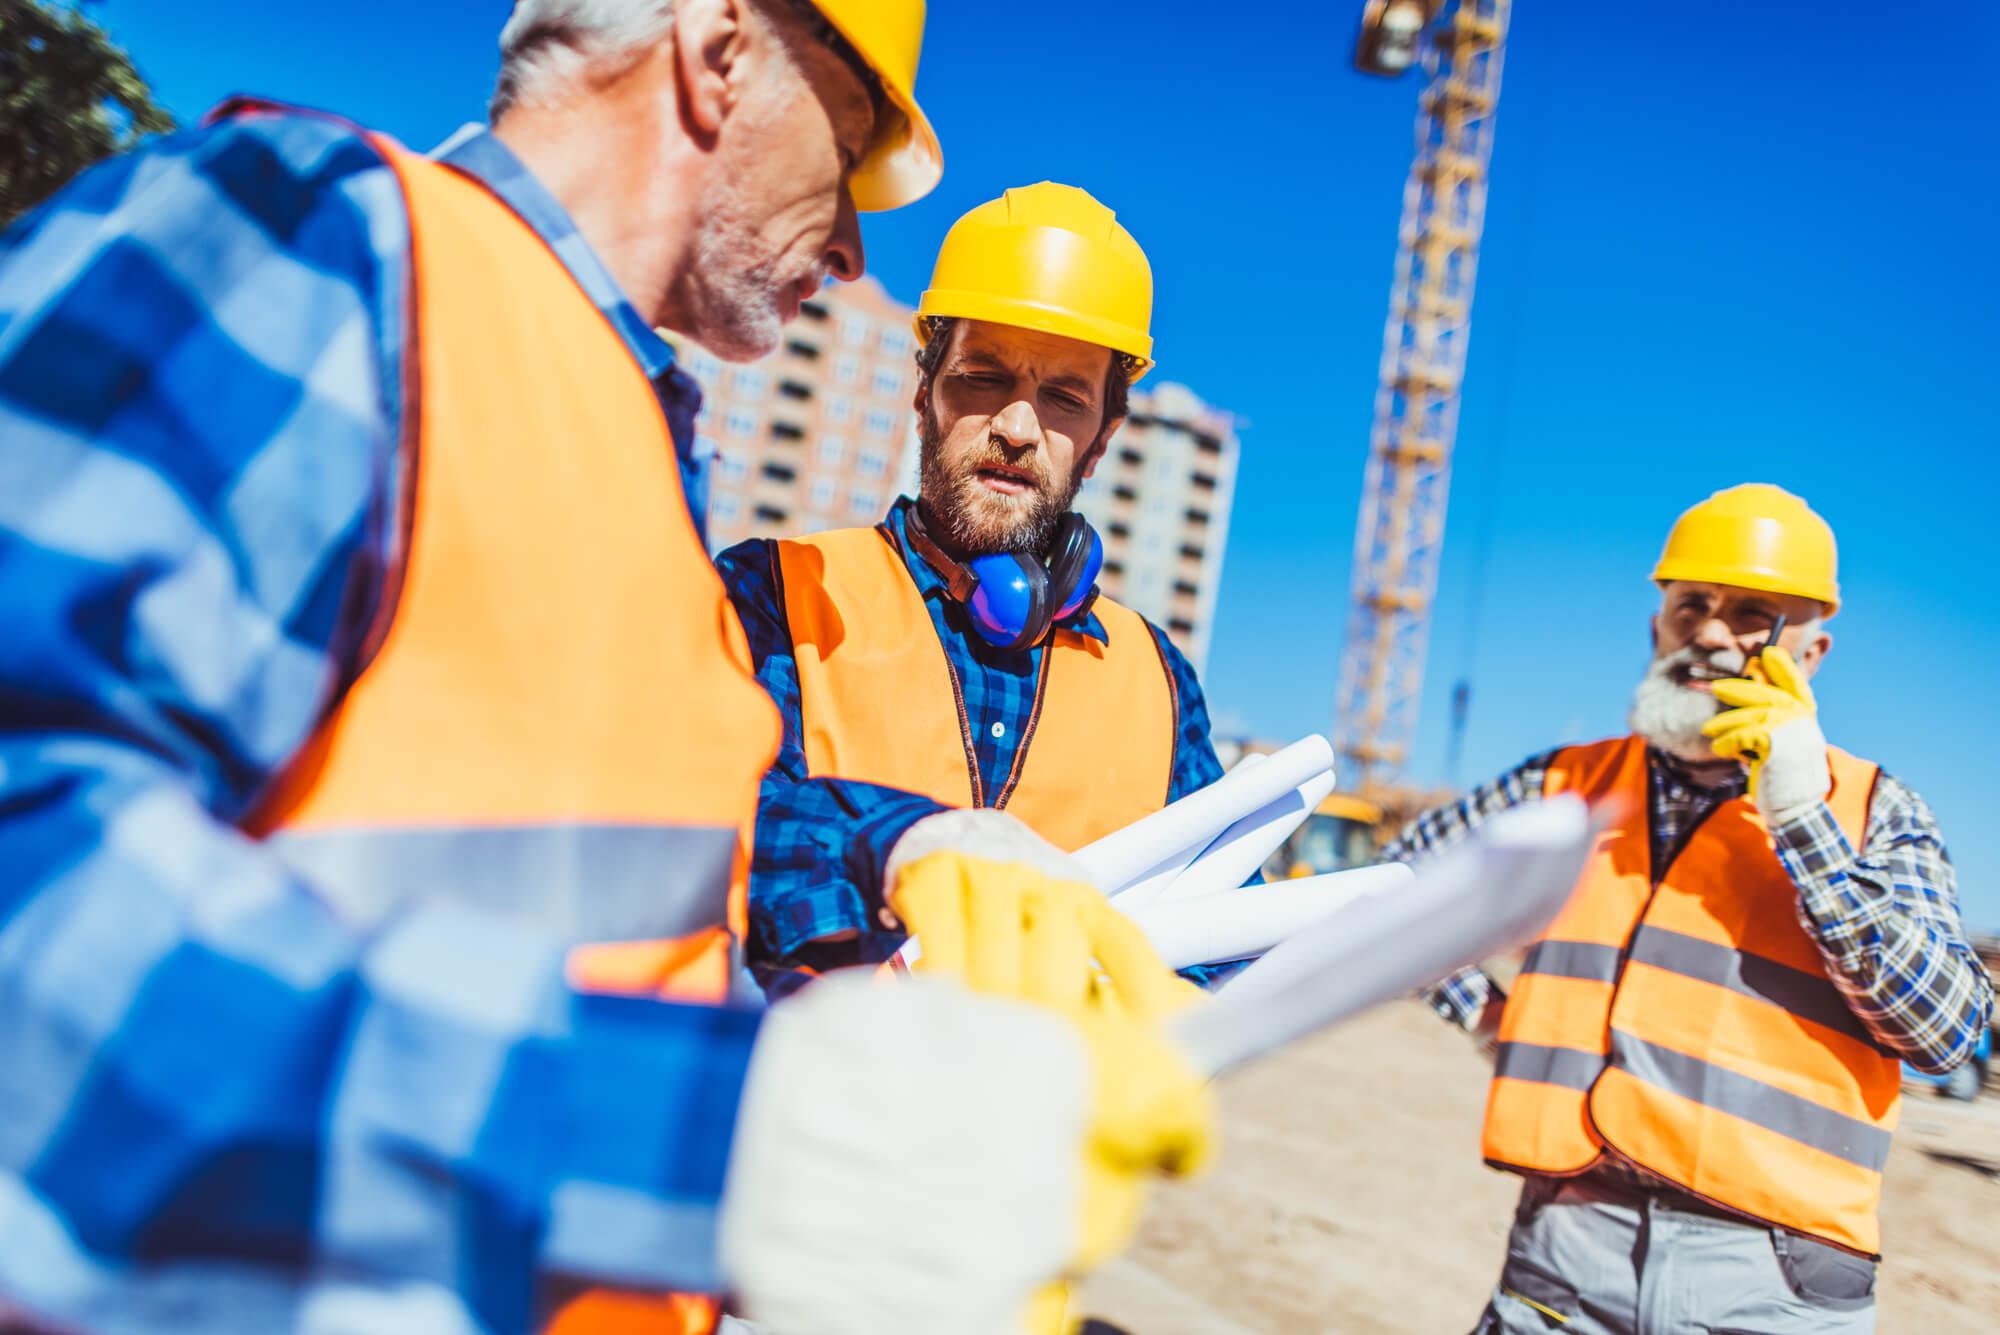 Aprenda agora como melhorar a gestão da equipe de obra!